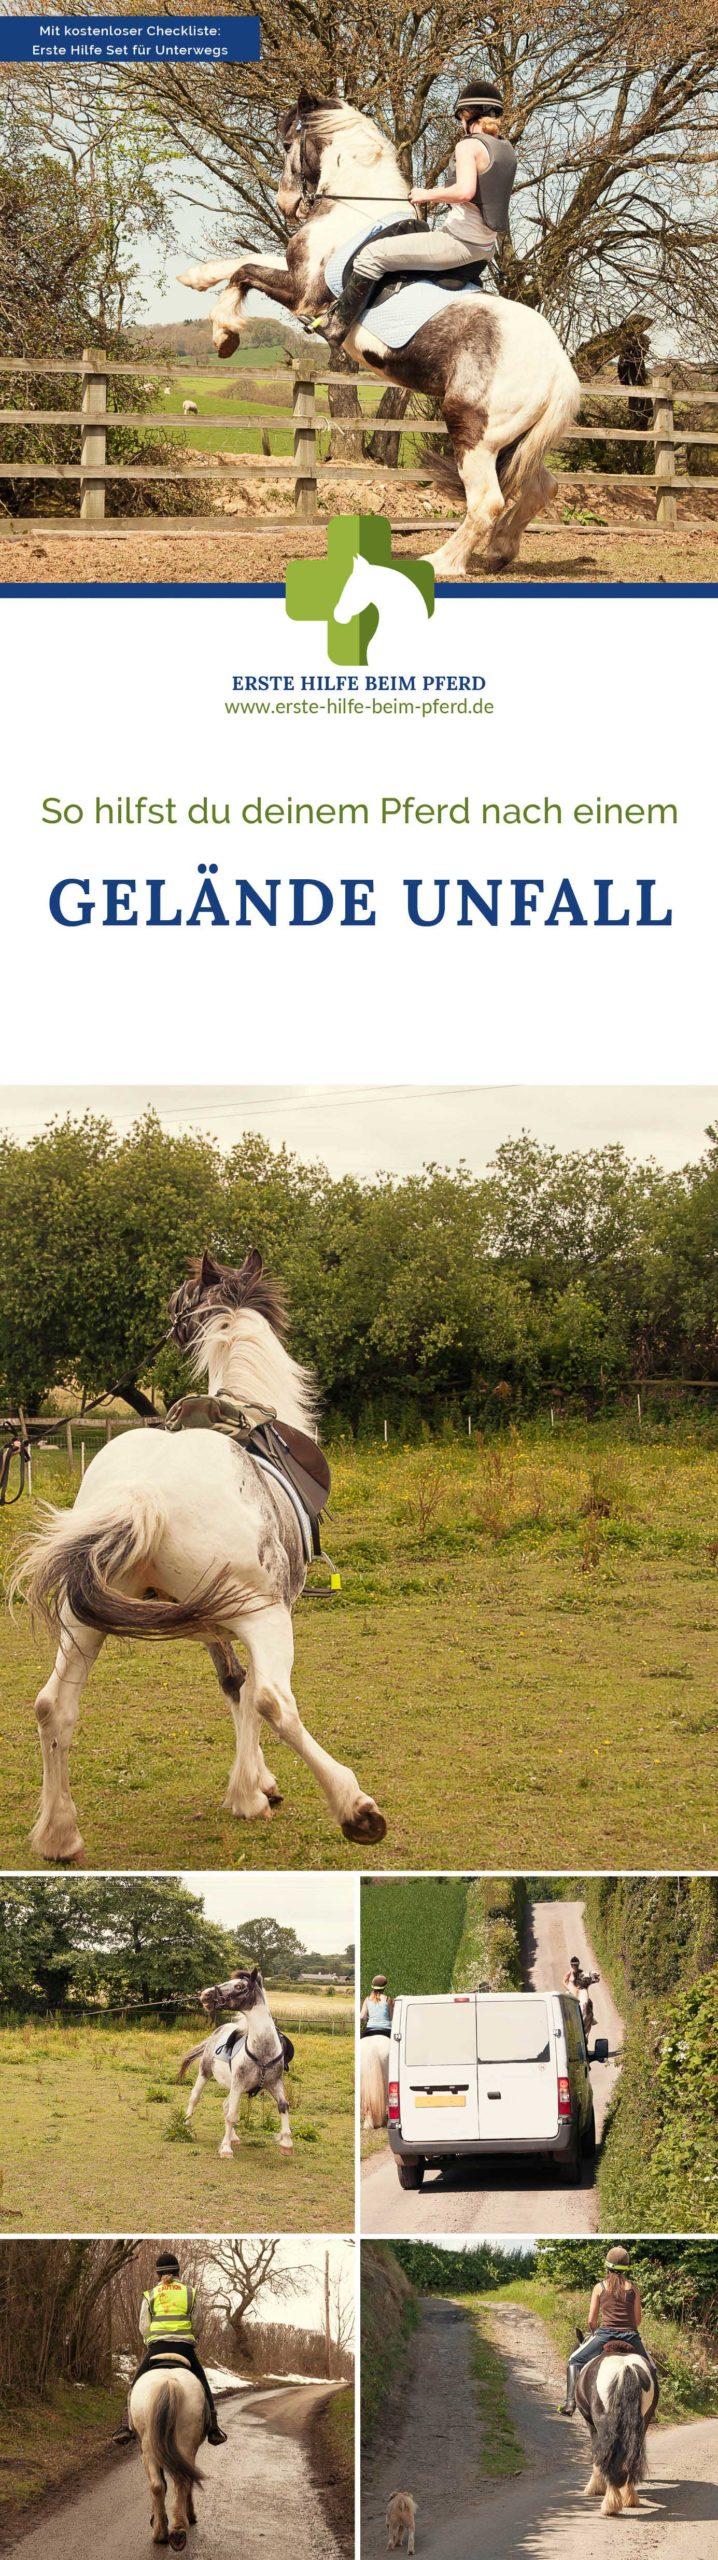 Gelände Unfall mit Pferd? So kannst du deinem Liebling Erste Hilfe leisten.